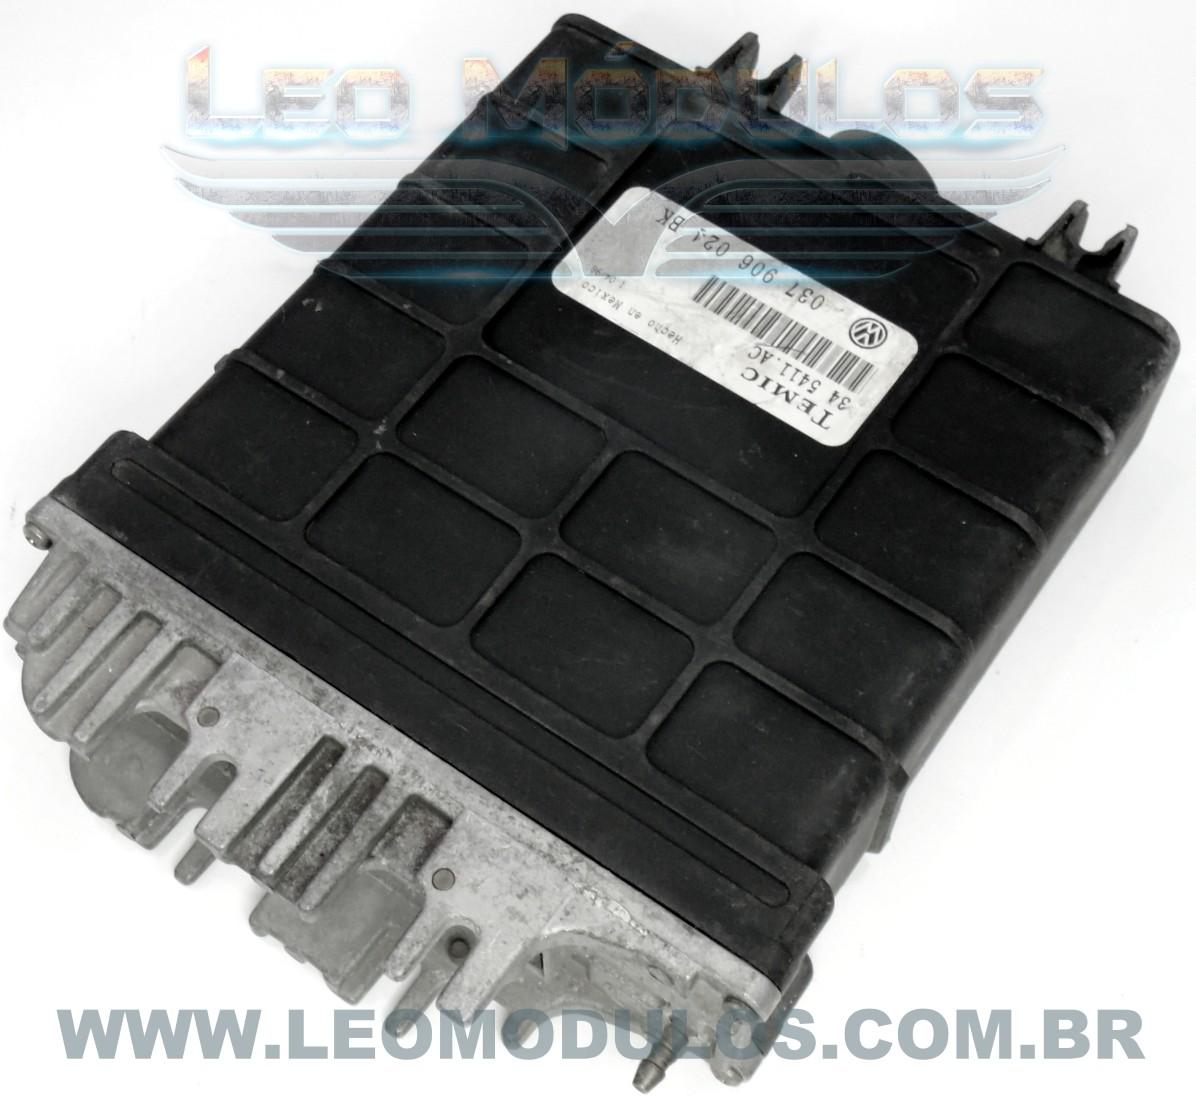 Módulo de injeção digifant 1.74 - 345411AC 037906024BK - Golf 2.0 8V - 34 5411.AC - Leo Módulos